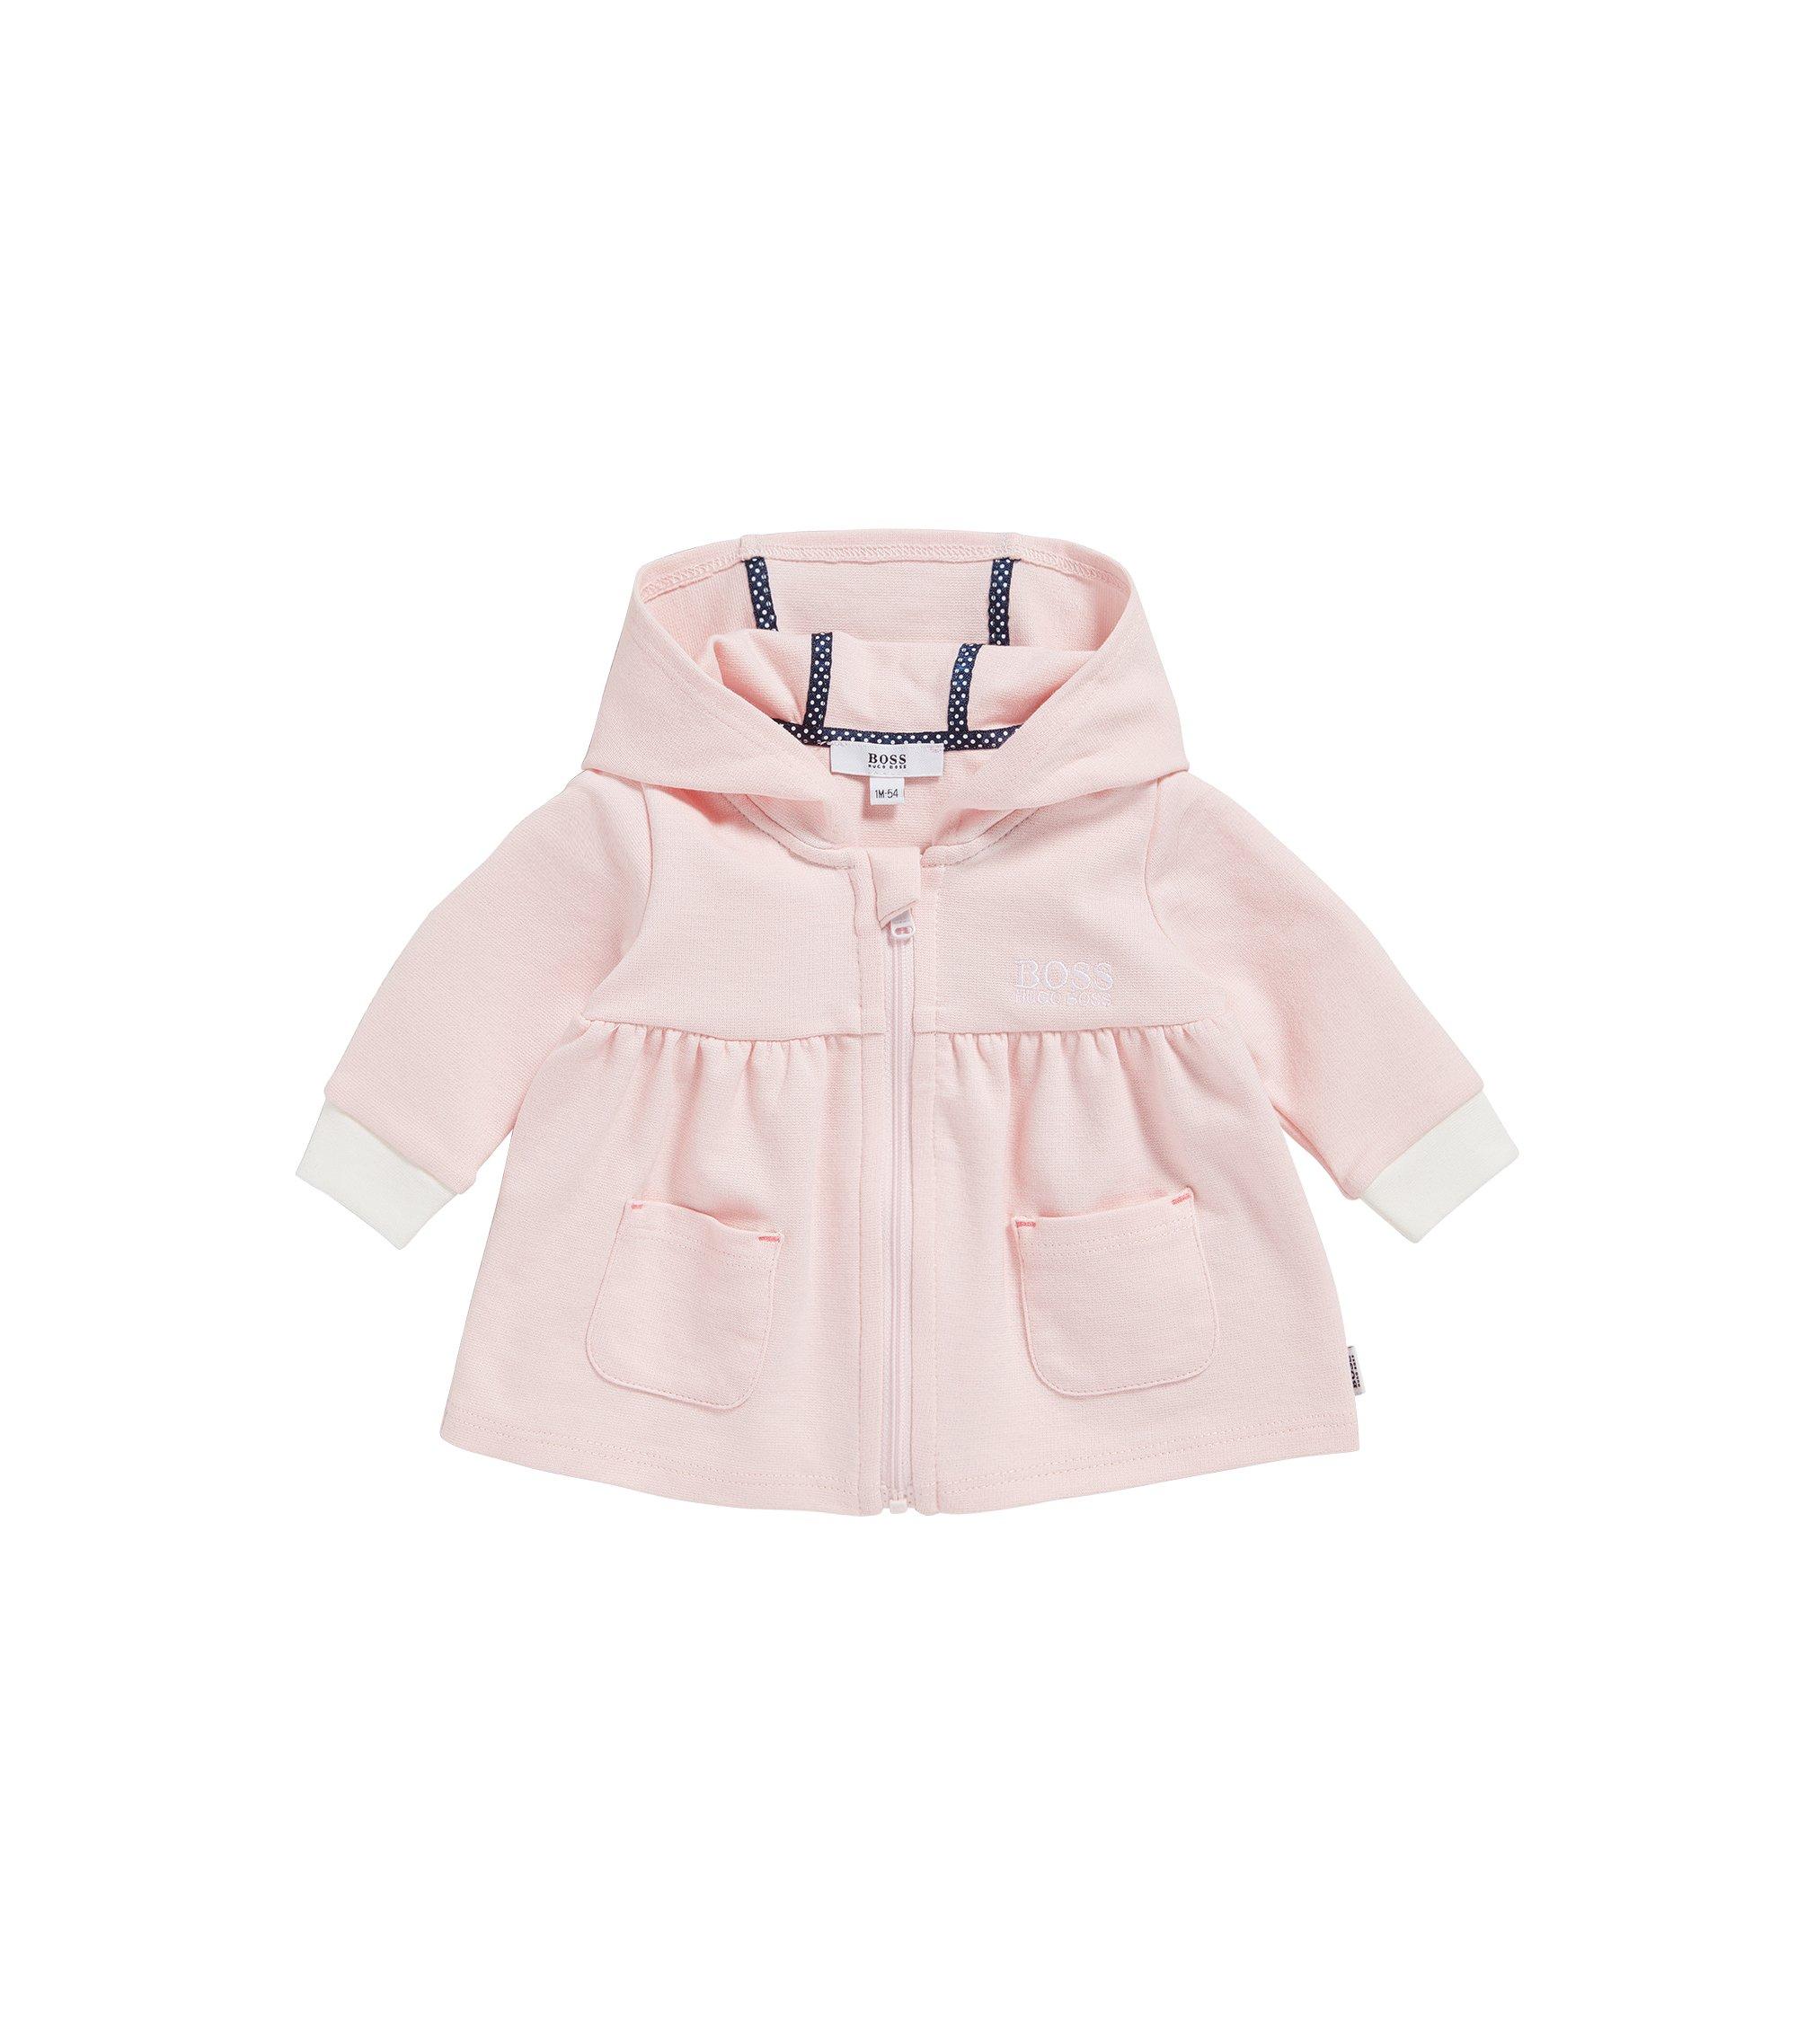 Blouson sweat pour bébé en coton stretch mélangé à du modal: «J95205», Rose clair